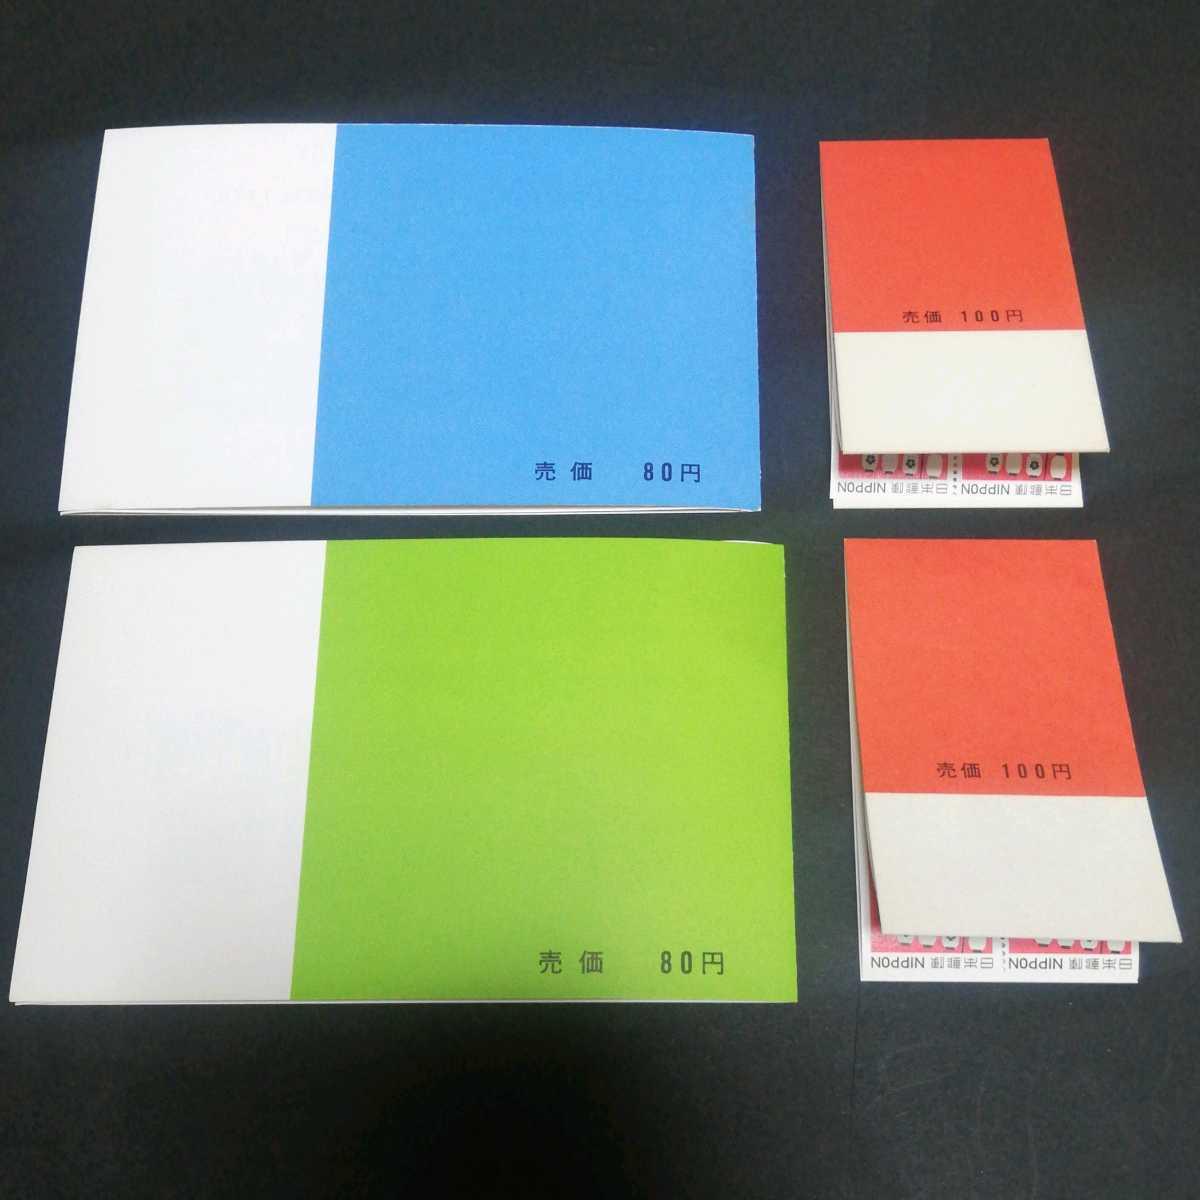 日本郵便 日本万博日本万国博覧会 記念切手 1次 2次 小型シート 未使用_画像6